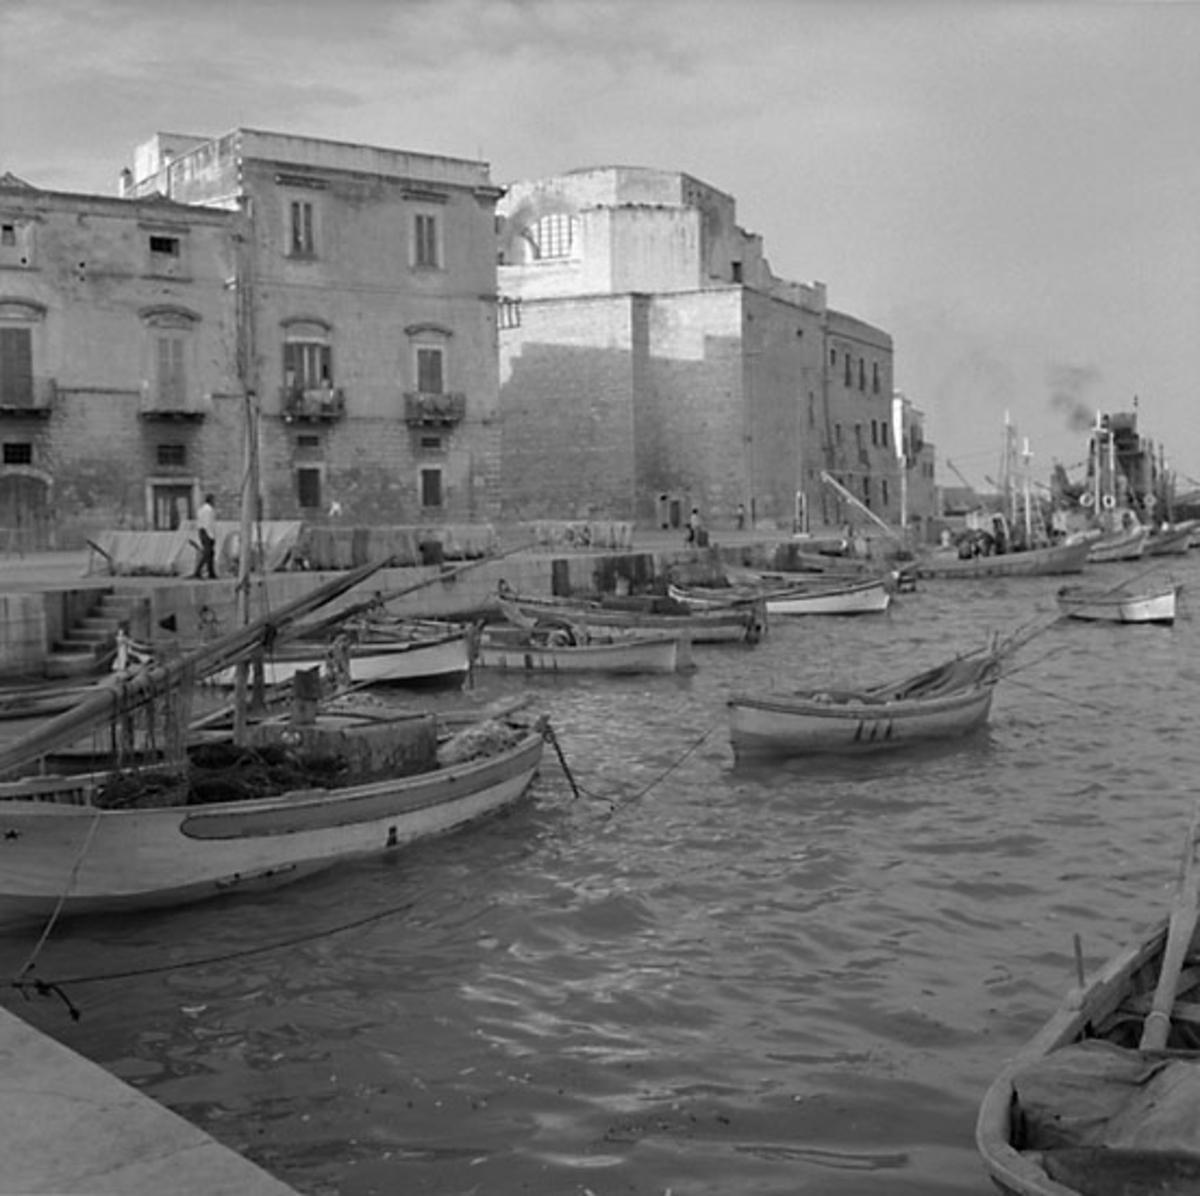 15. Italien. Fotojournal finns på B.M.A. + fotoalbum. Samtidigt förvärv: Böcker och arkivmaterial. Foton tagna 1959-10-28. 12 Bilder i serie.